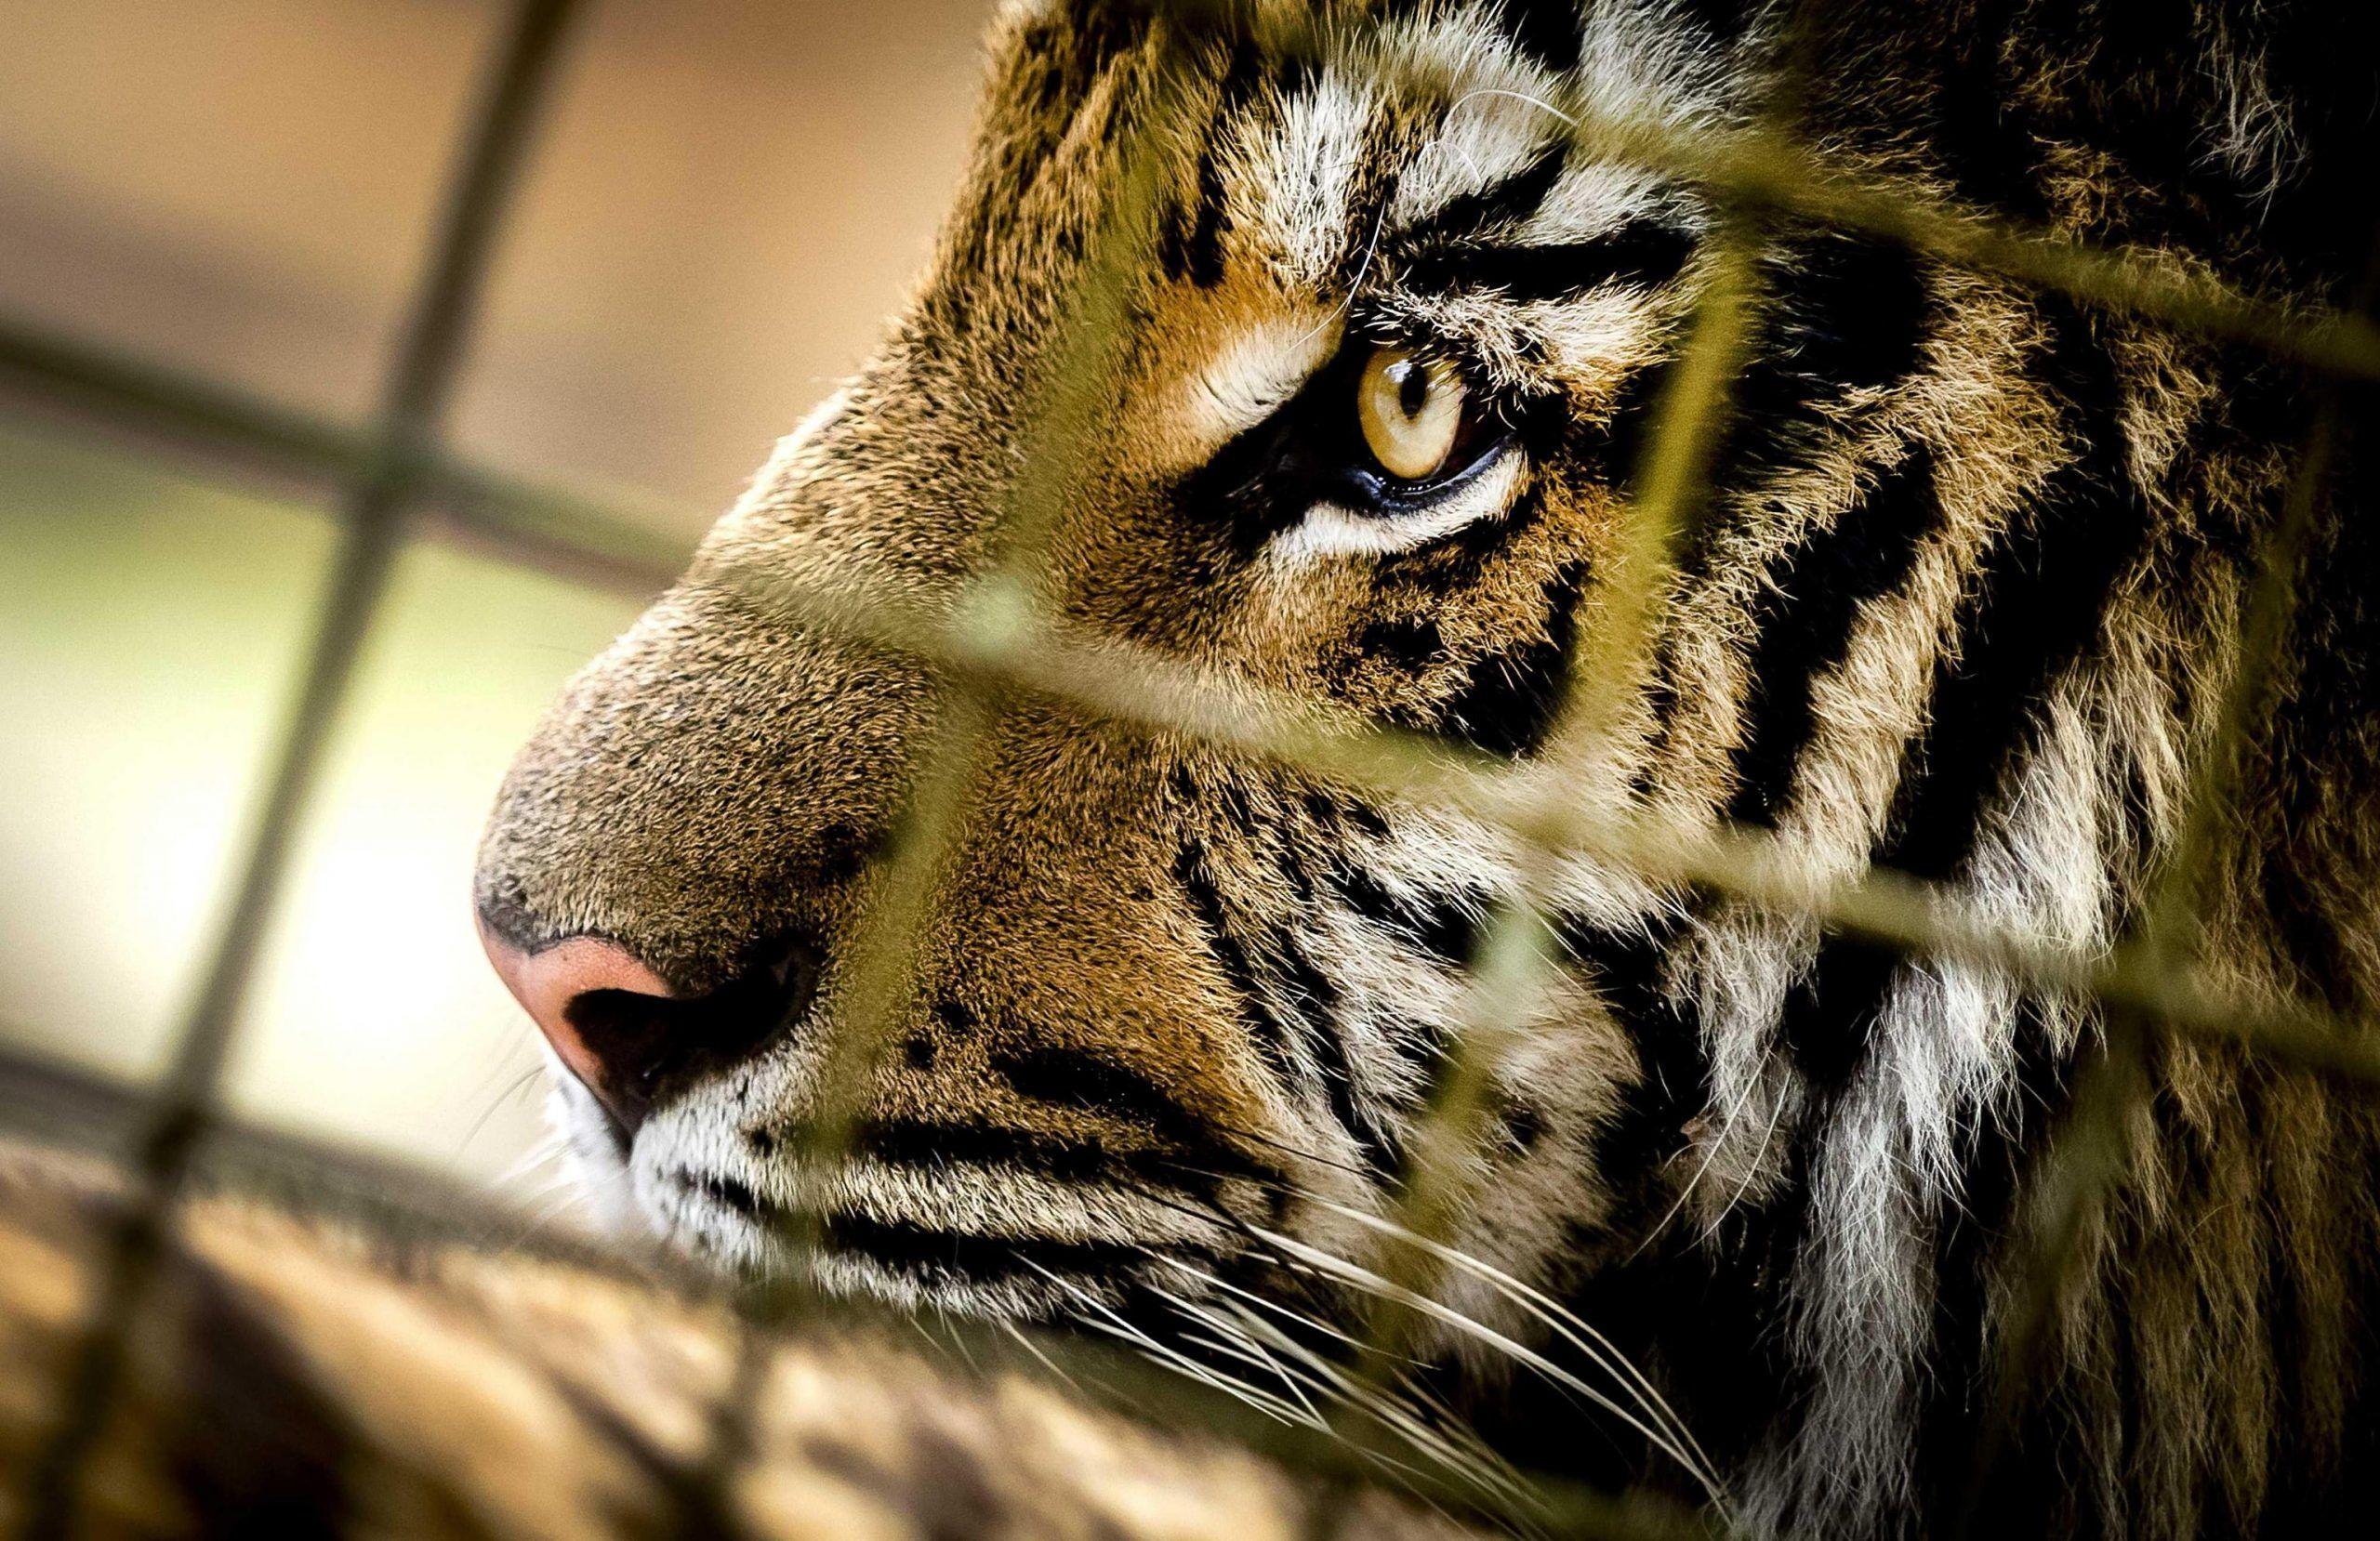 Le tigri di Aleppo arrivate in Olanda sane e salve